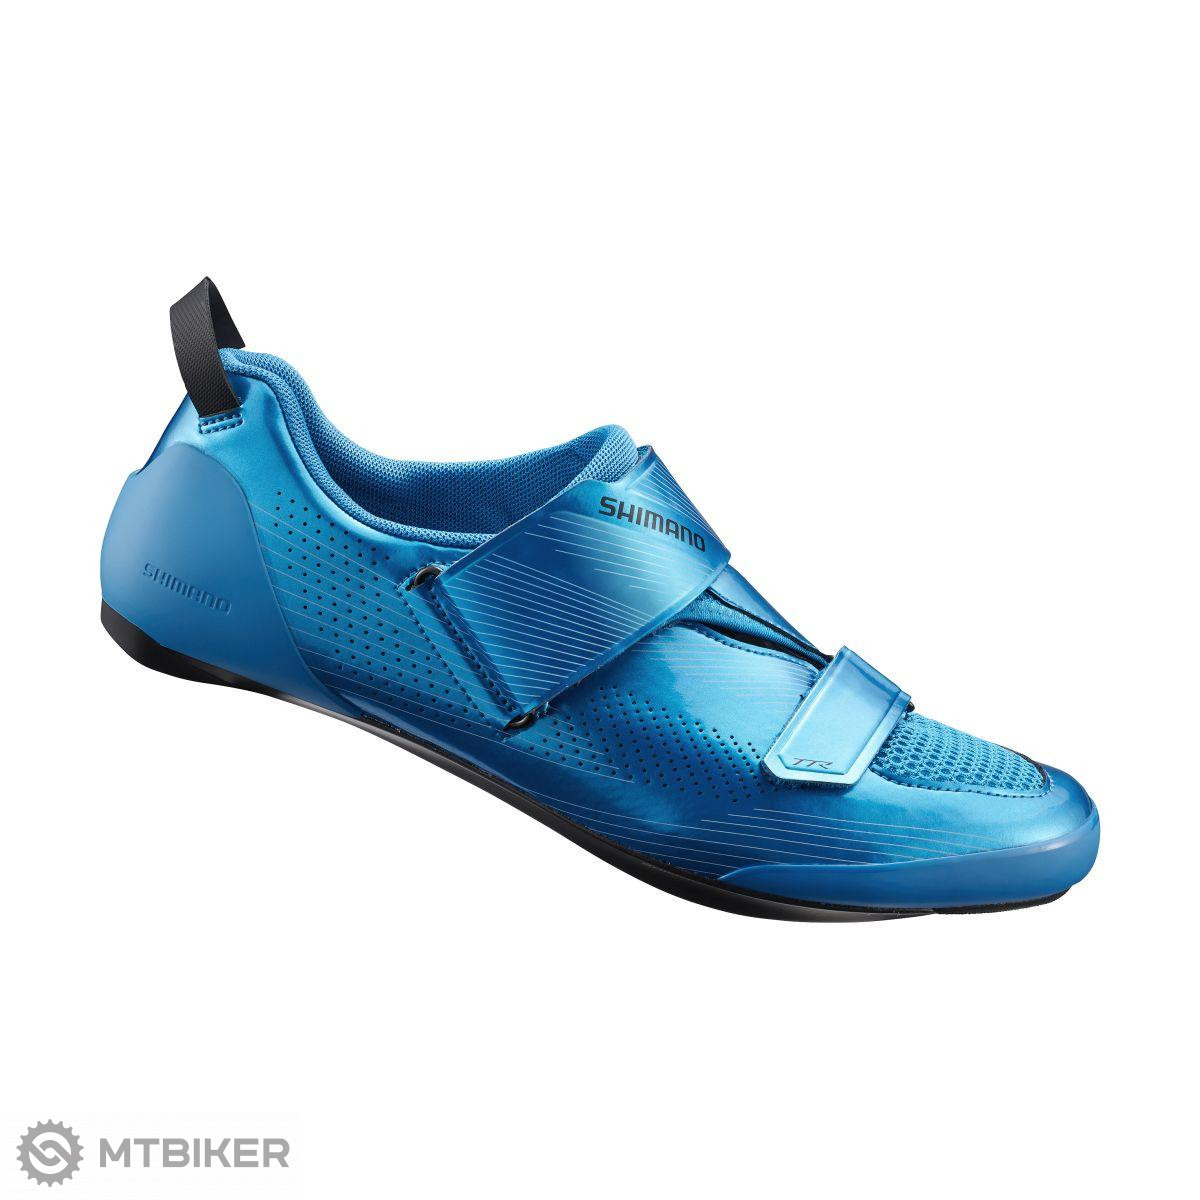 Shimano tretry SHTR901 modré